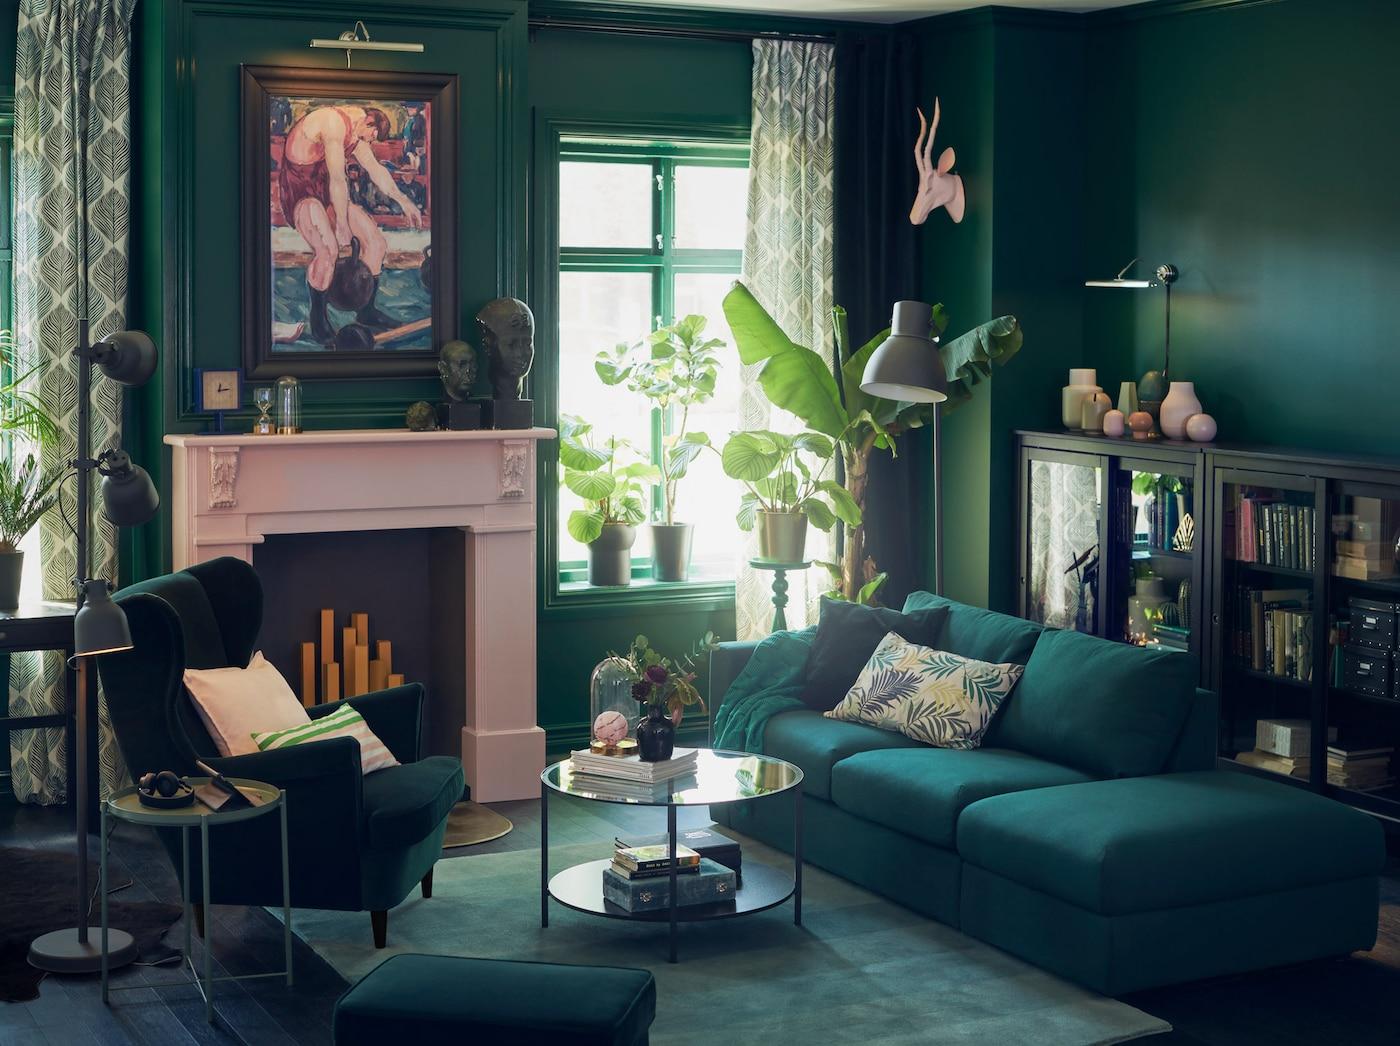 Päästä avoin tummanvihreä sohva lepotuolia vastapäätä vihreässä olohuoneessa, jossa roosanvärinen takka.